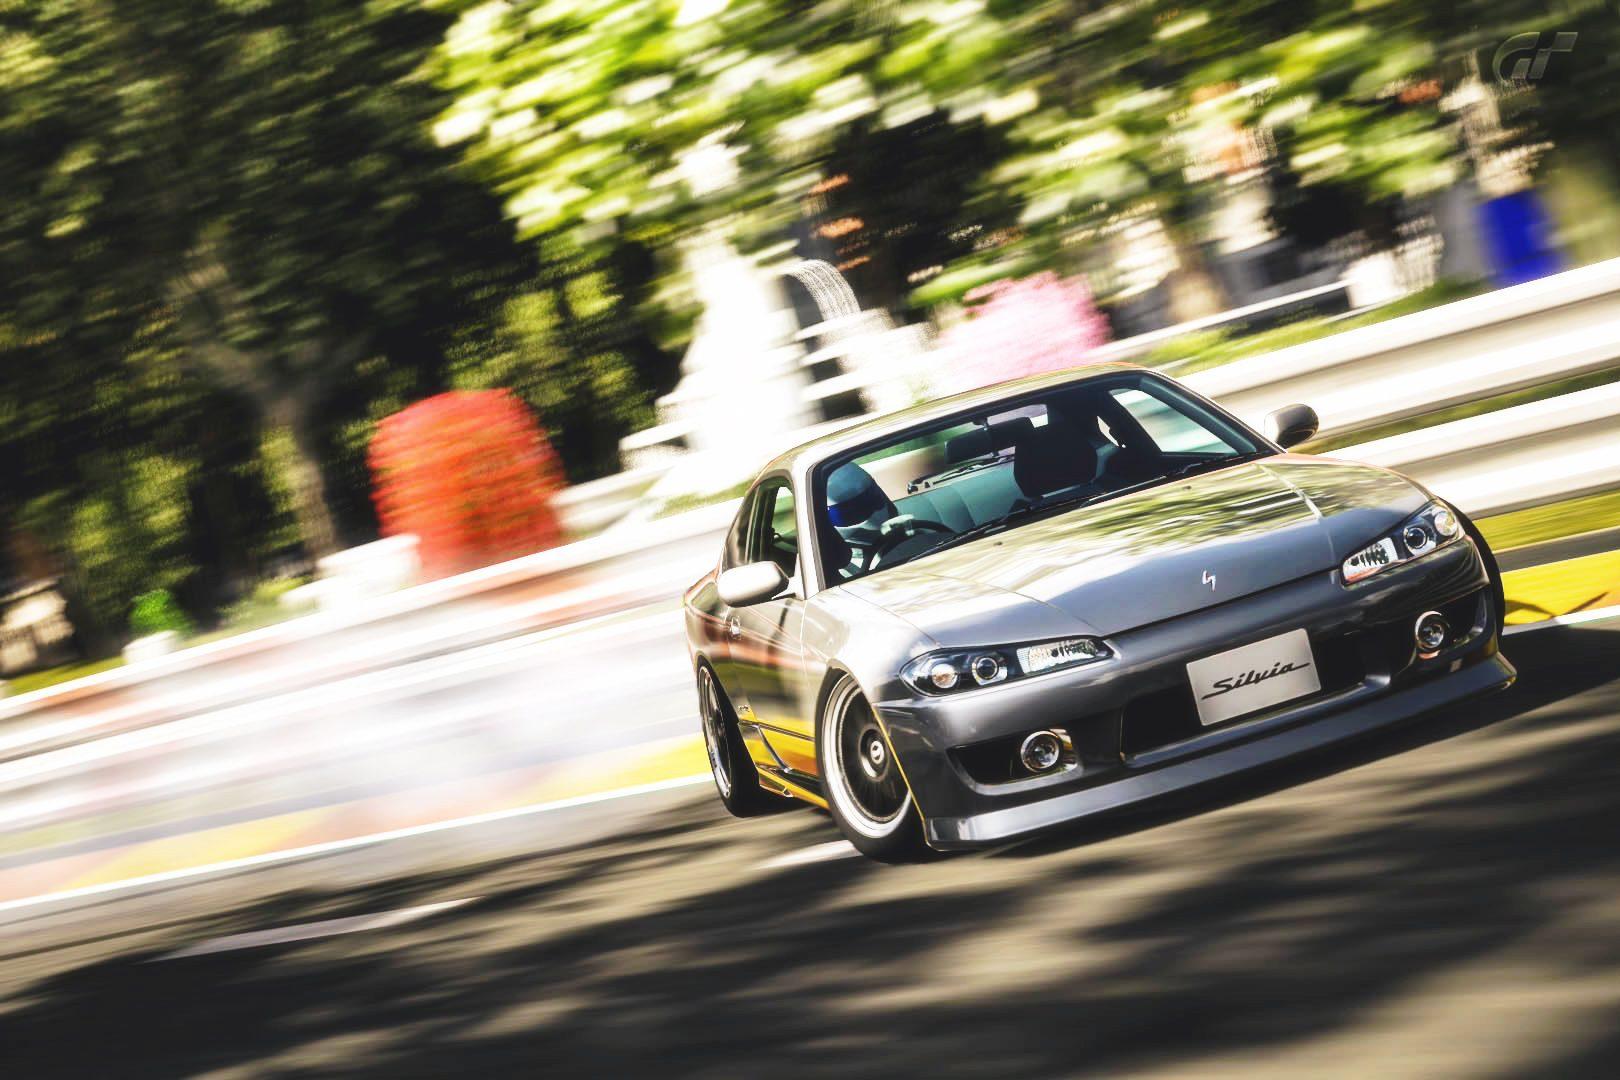 Silvia Drift21.jpg